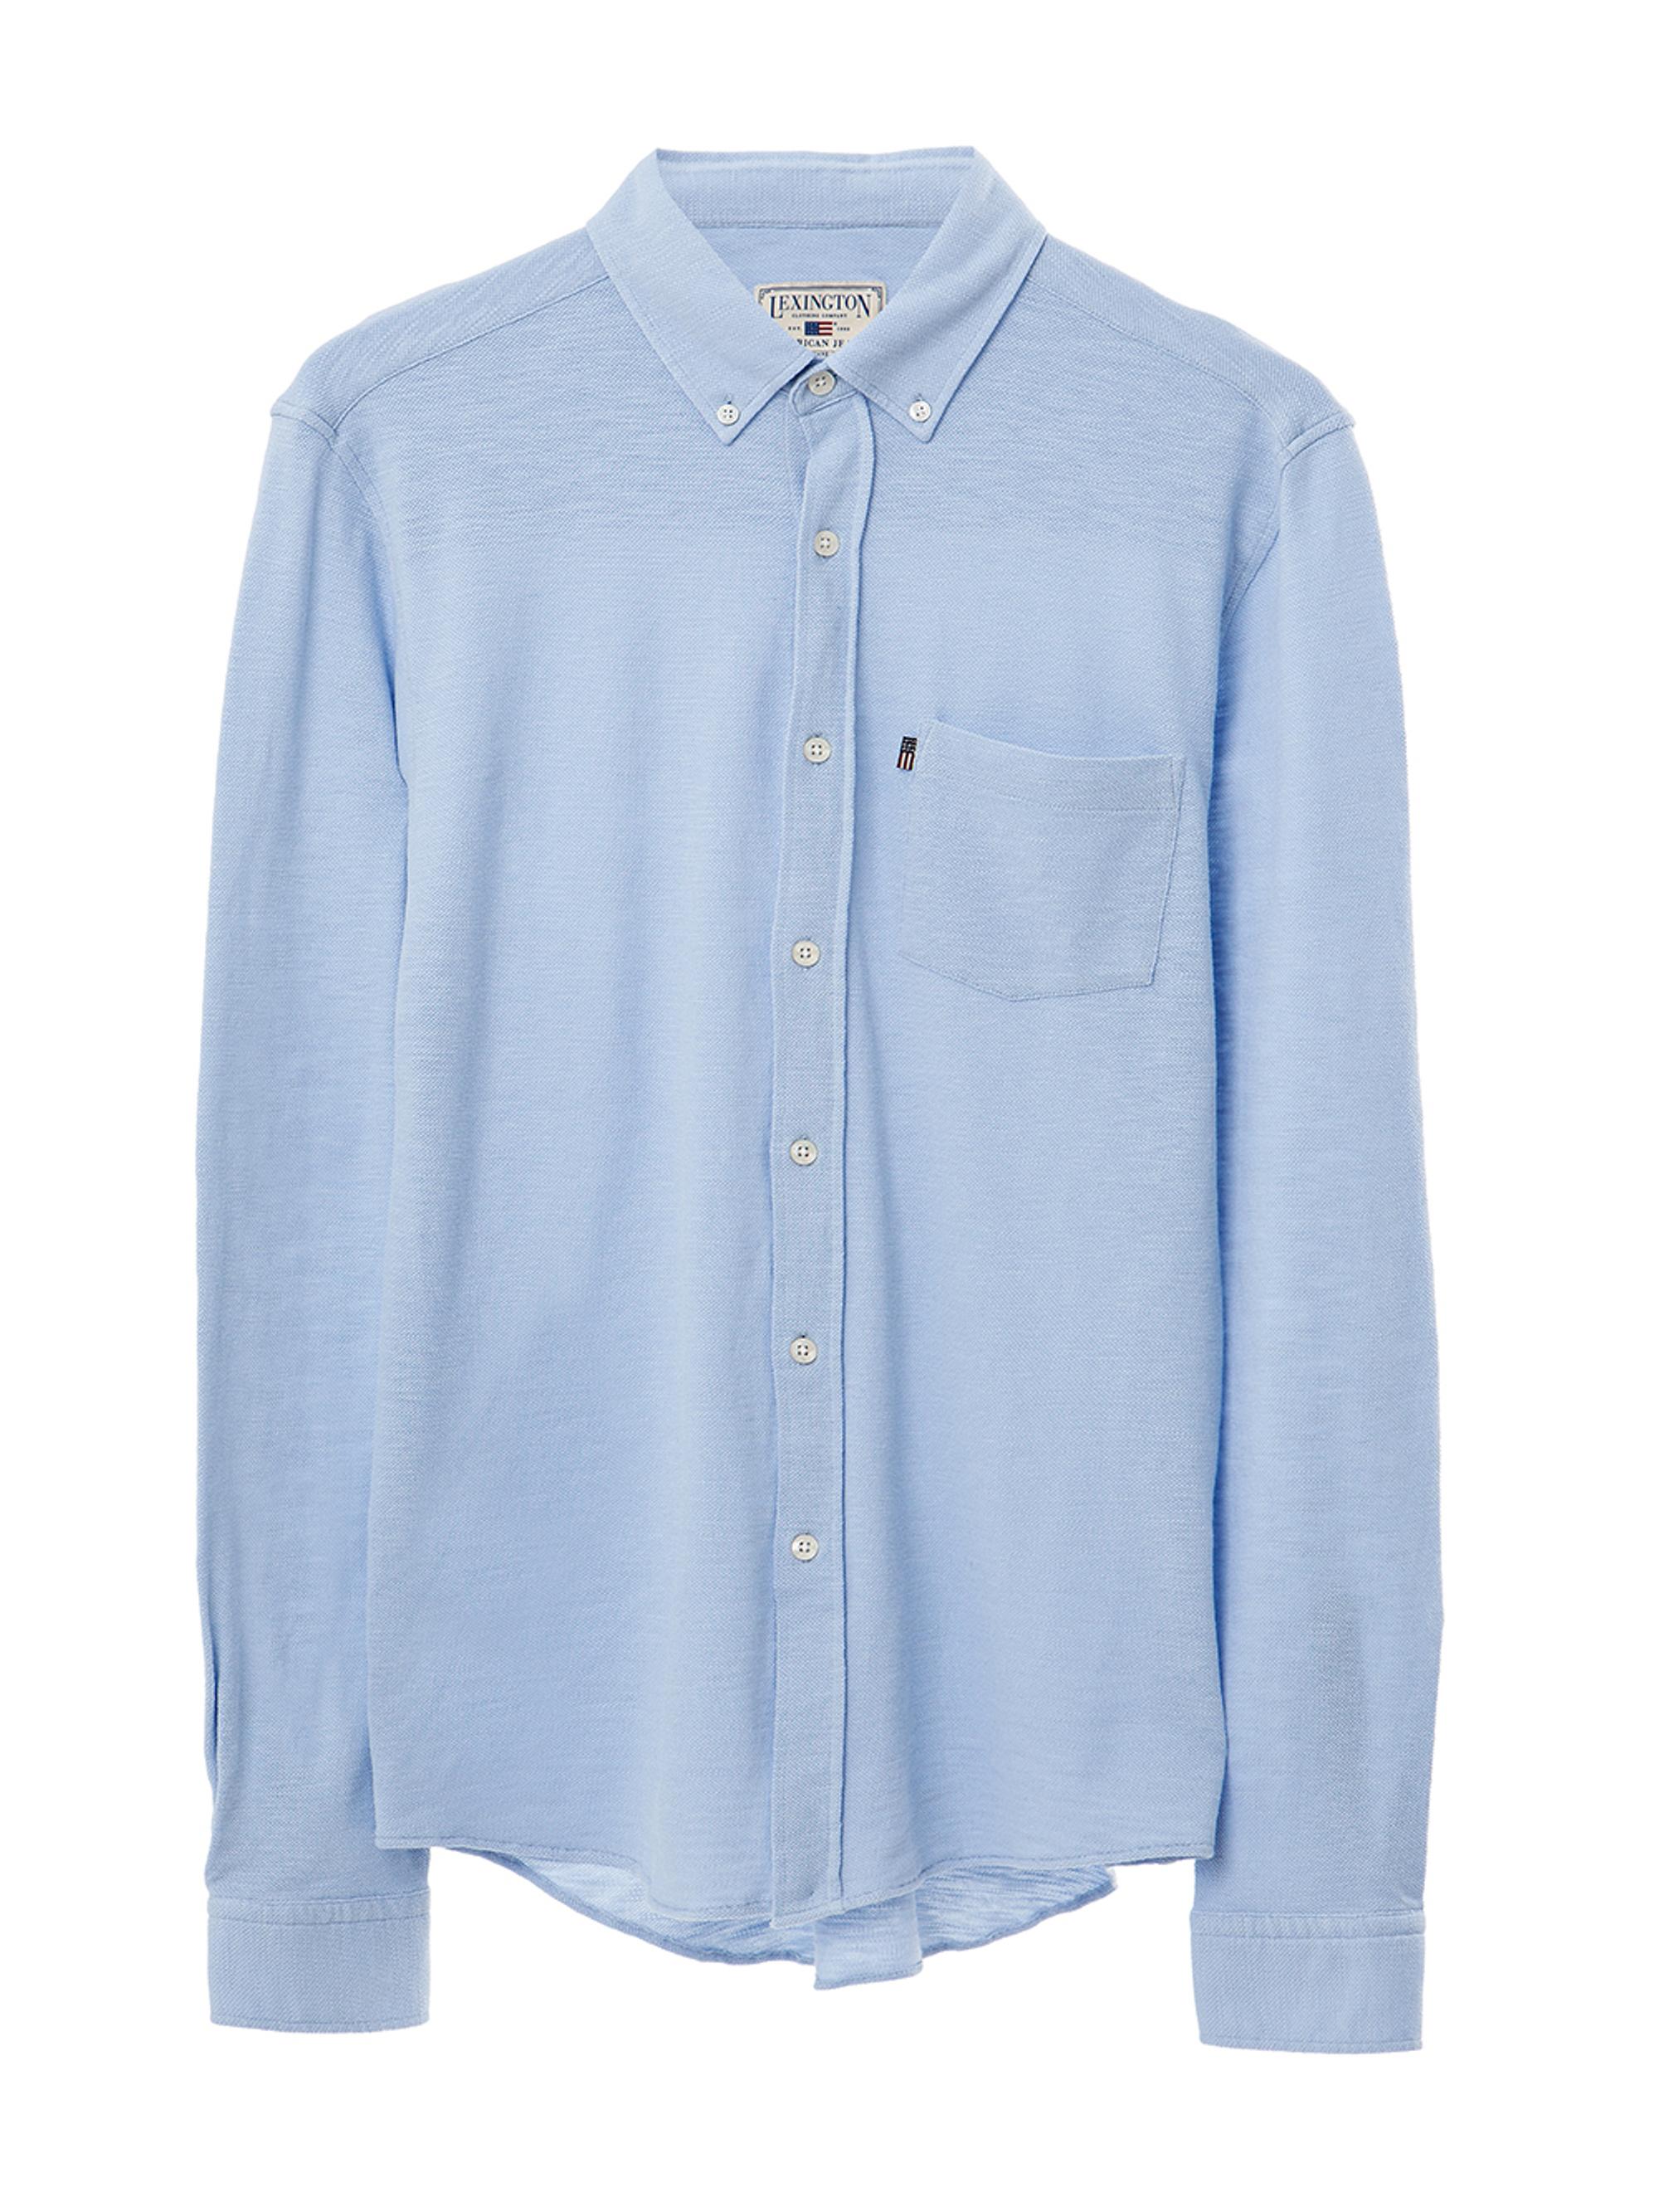 Irvin Pique Shirt, Kentucky Blue